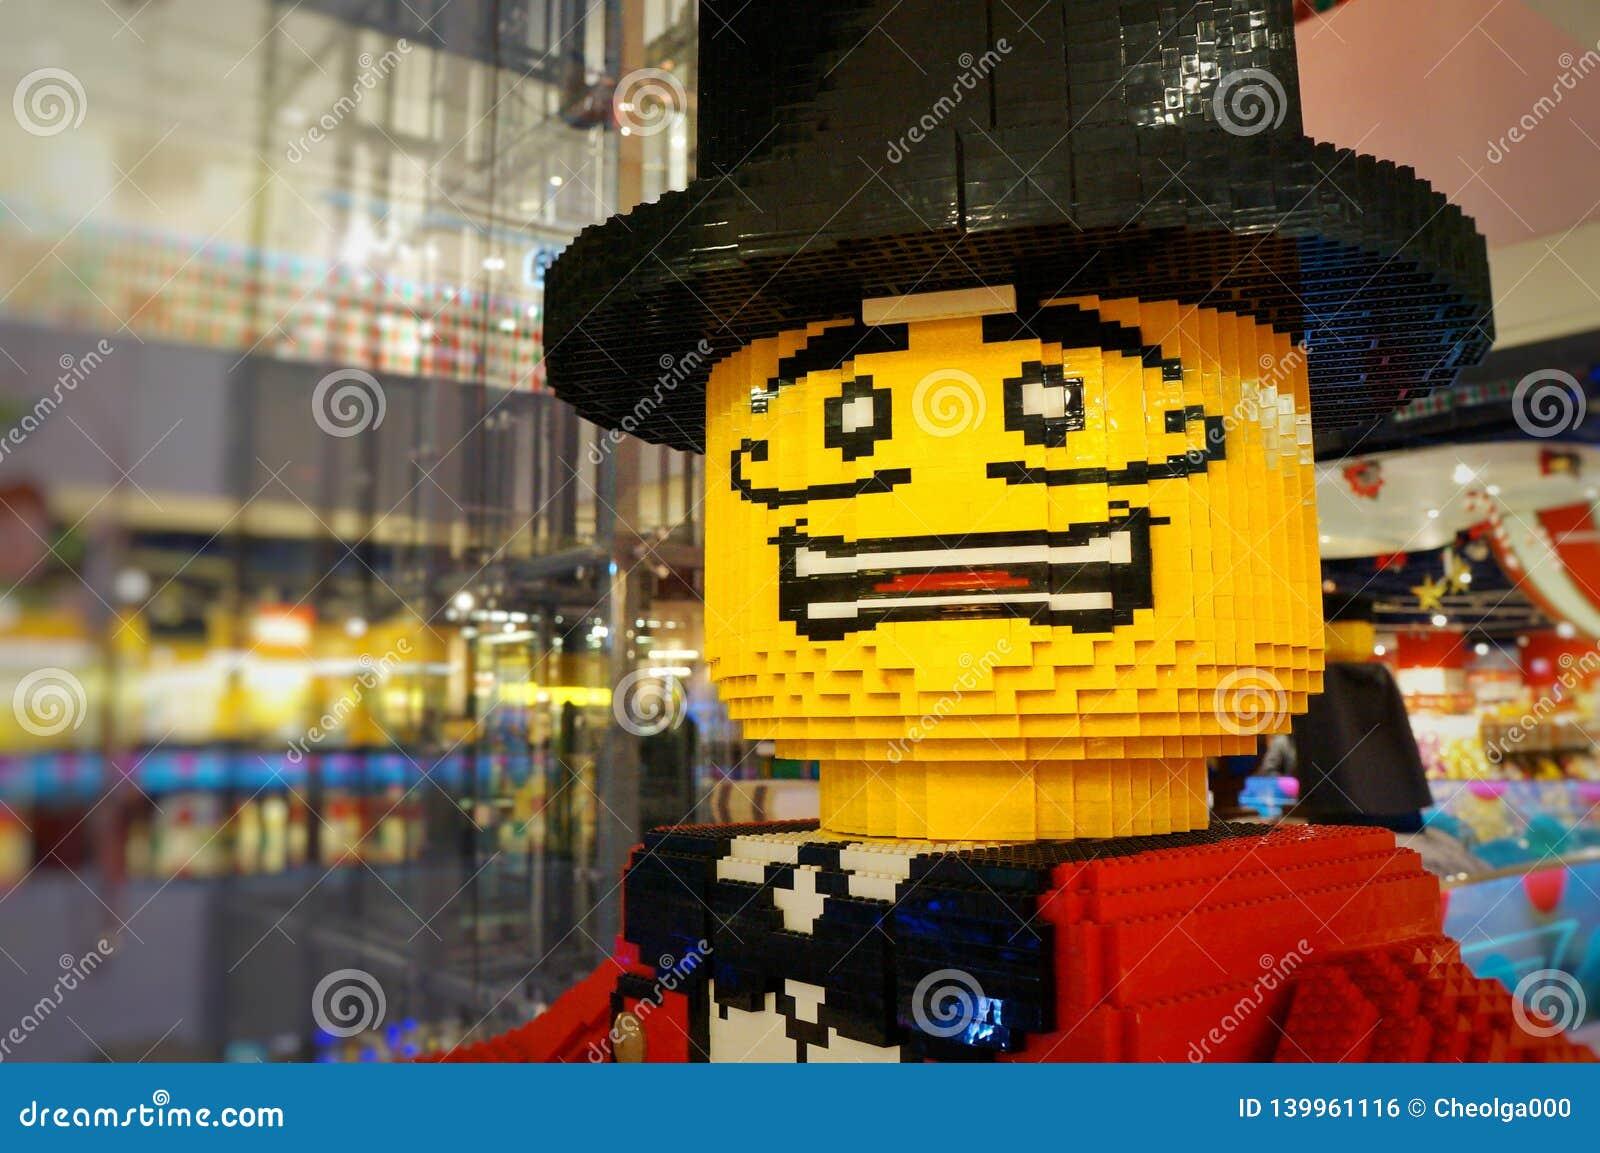 Homme effrayé, monsieur dans un chapeau avec une moustache, jaune, faite de cubes en concepteur